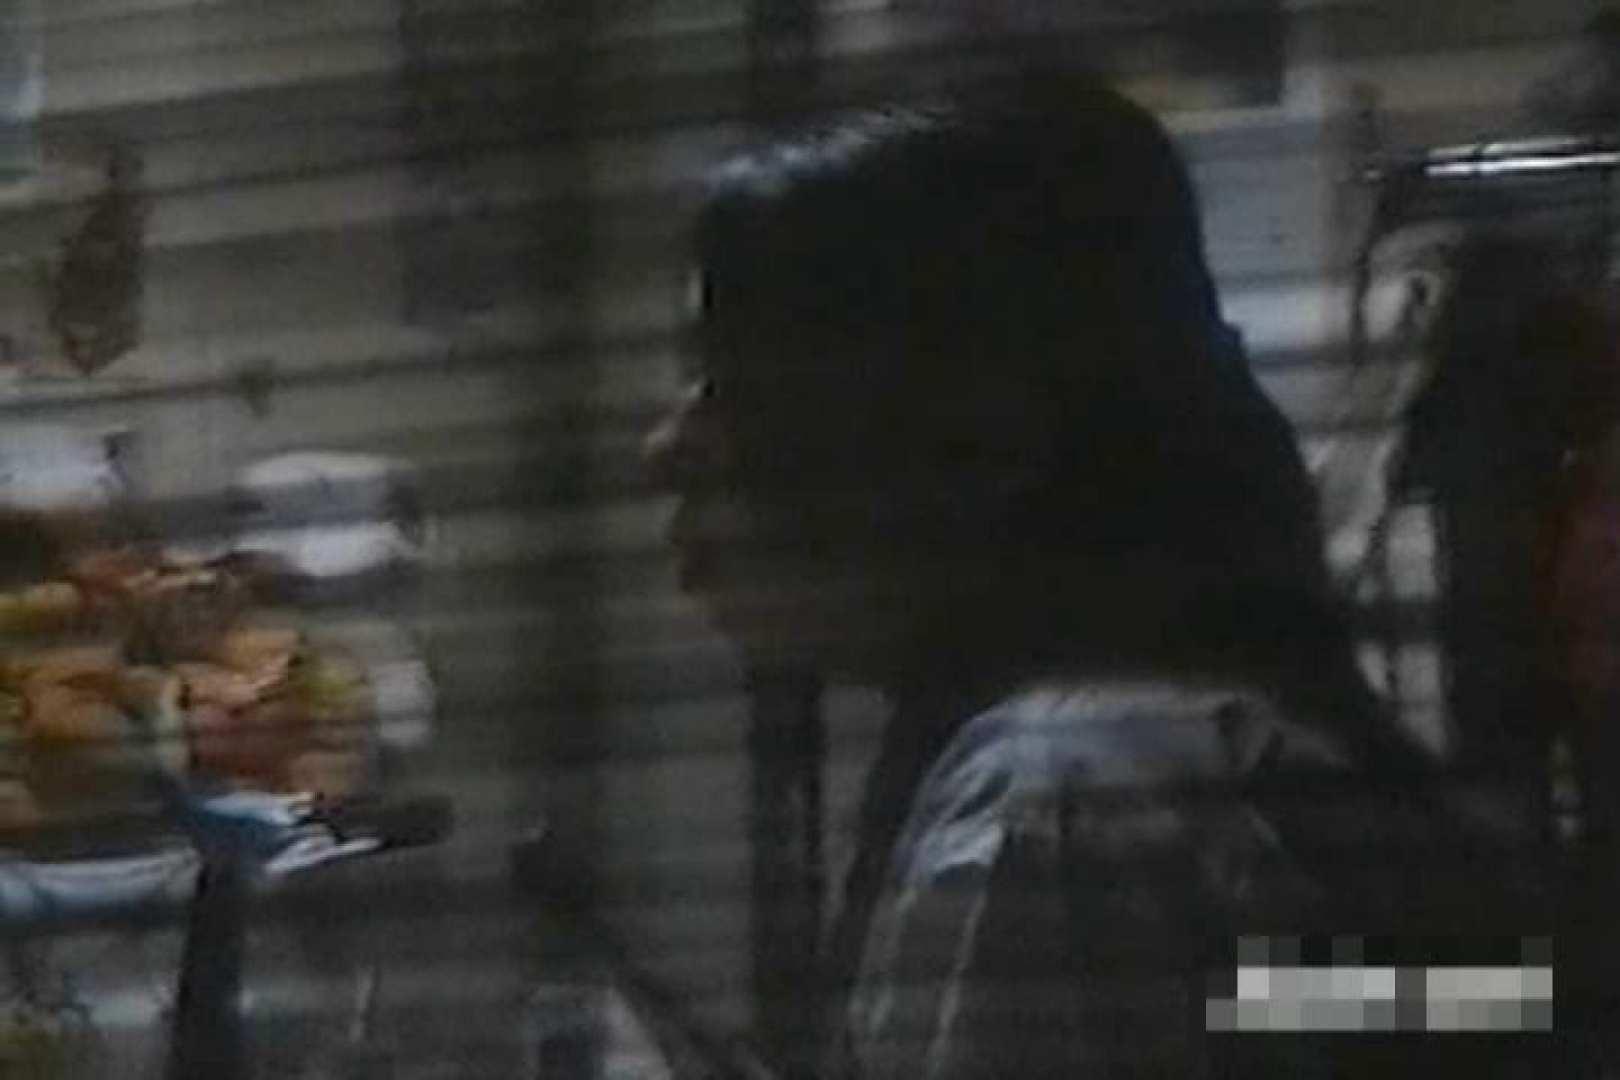 激撮ストーカー記録あなたのお宅拝見しますVol.1 プライベート おめこ無修正動画無料 98pic 75